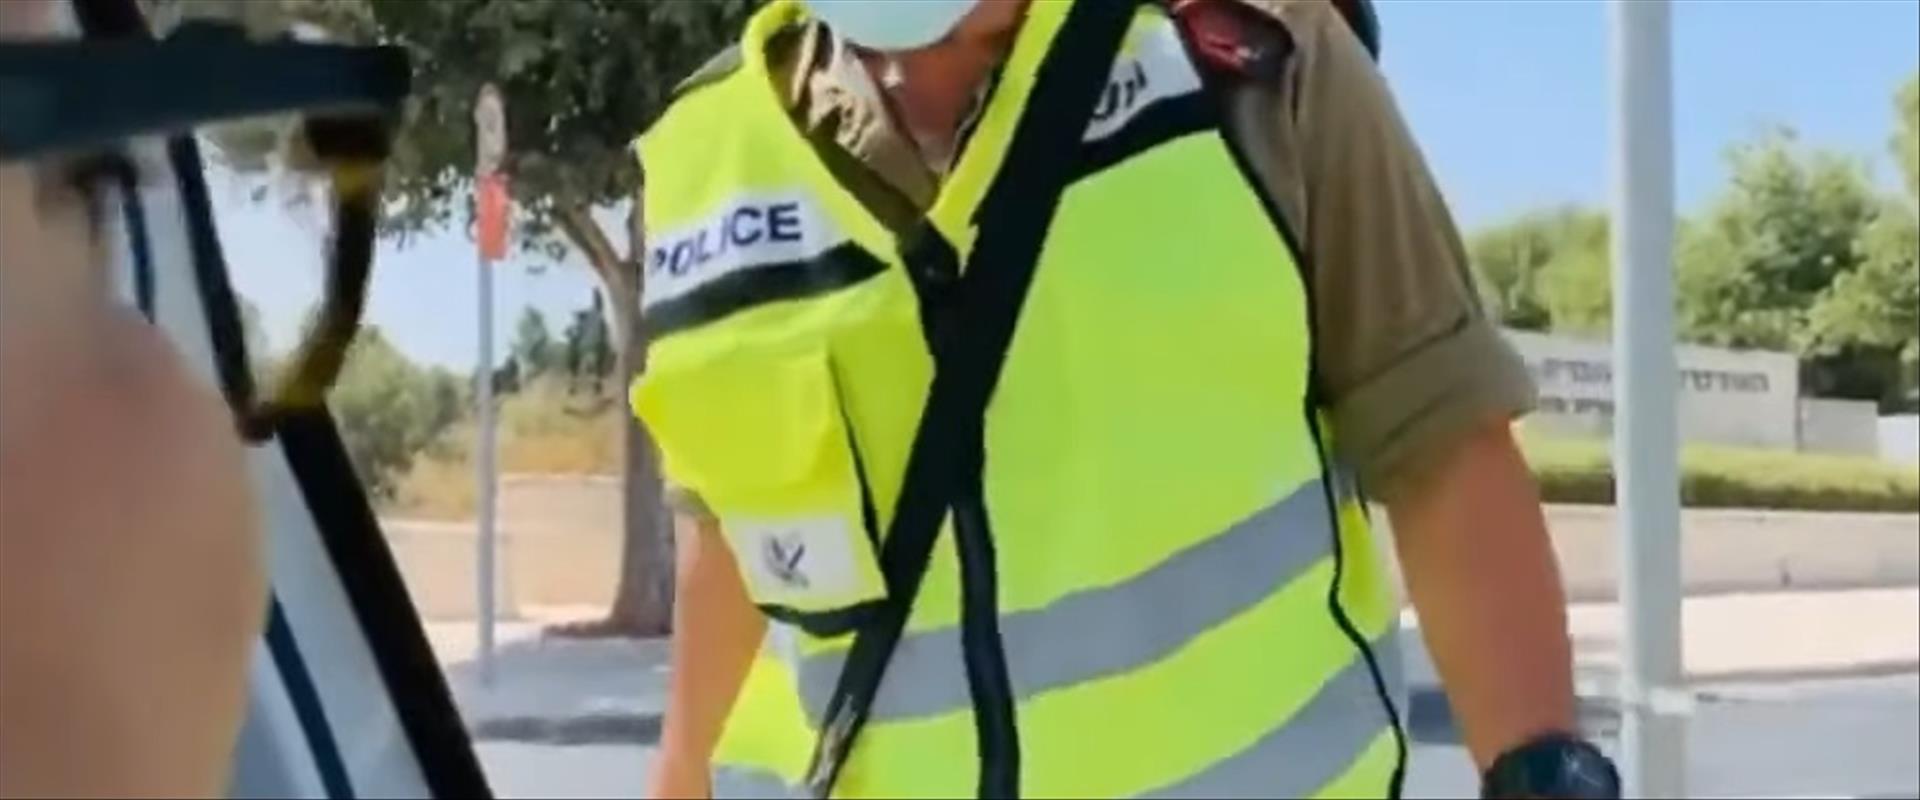 שתי הנשים שהתעמתו עם חייל ושוטרת במחסום בי-ם